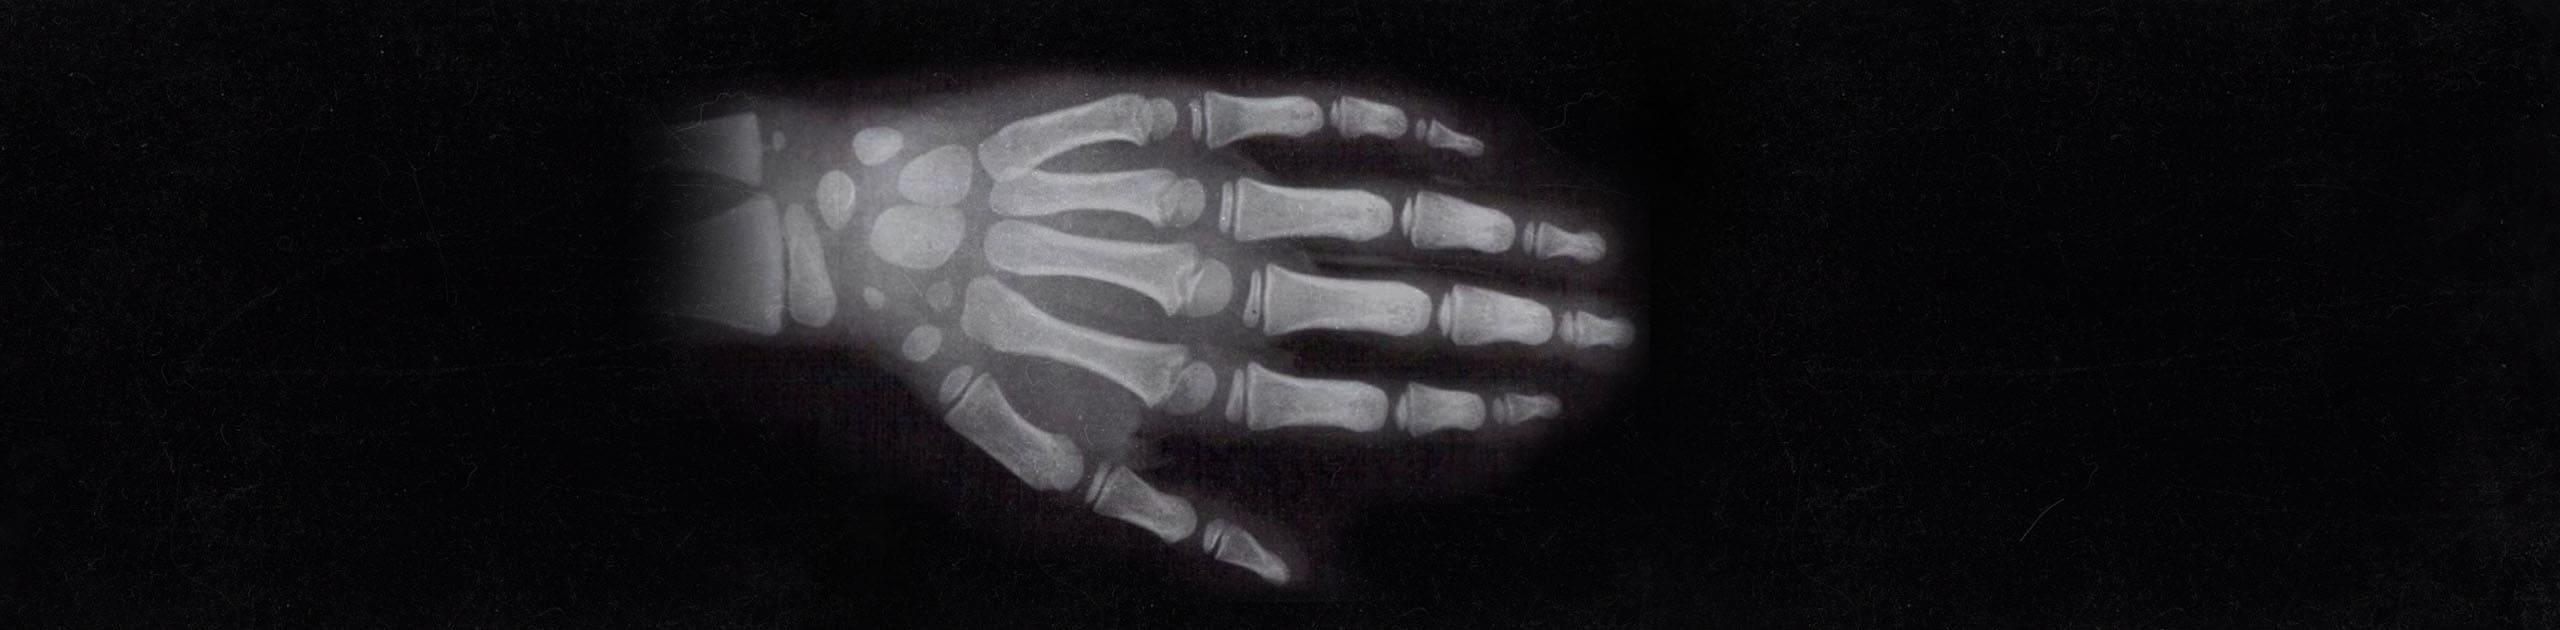 sportopaedie heidelberg radiologie skelettbestimmung header d